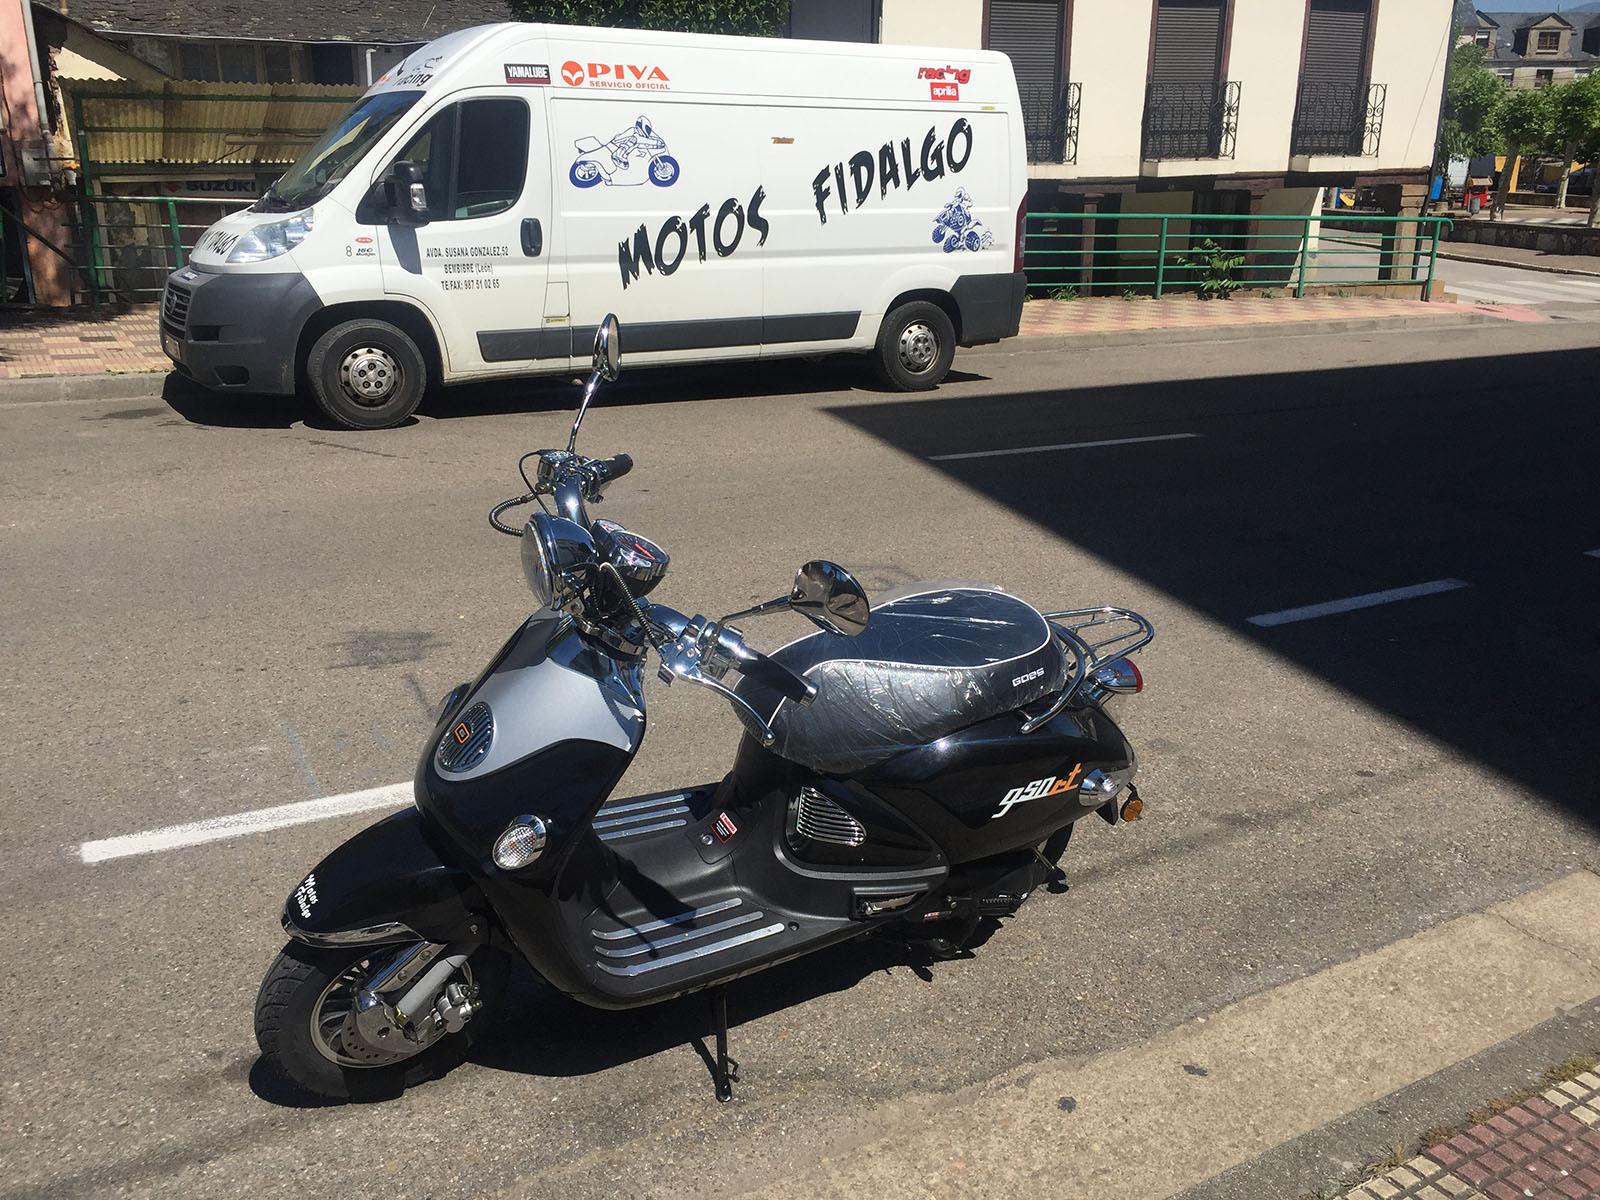 Scooter Motos Fidalgo - bembibre